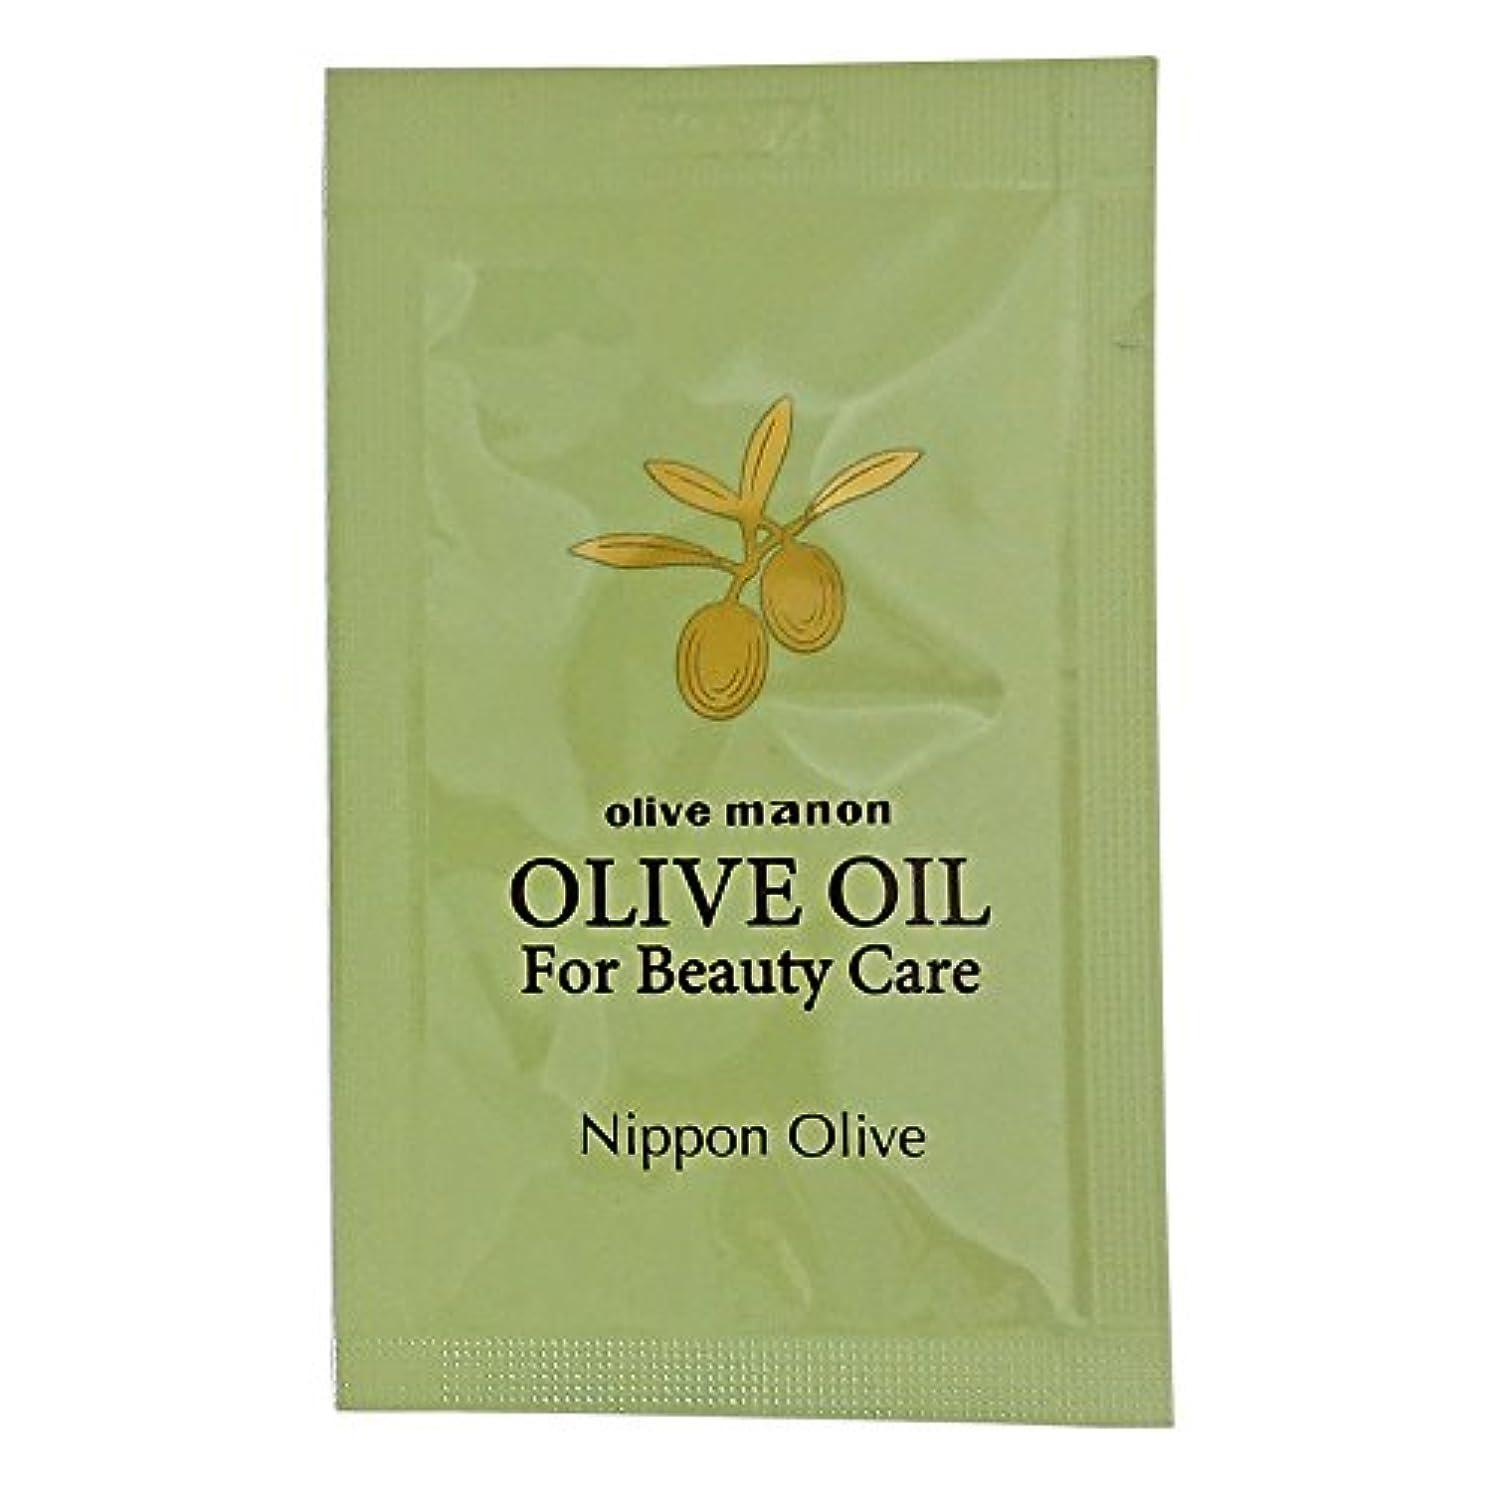 のぞき見ティーム以降日本オリーブ オリーブマノン 化粧用オリーブオイル<化粧用油>4ml